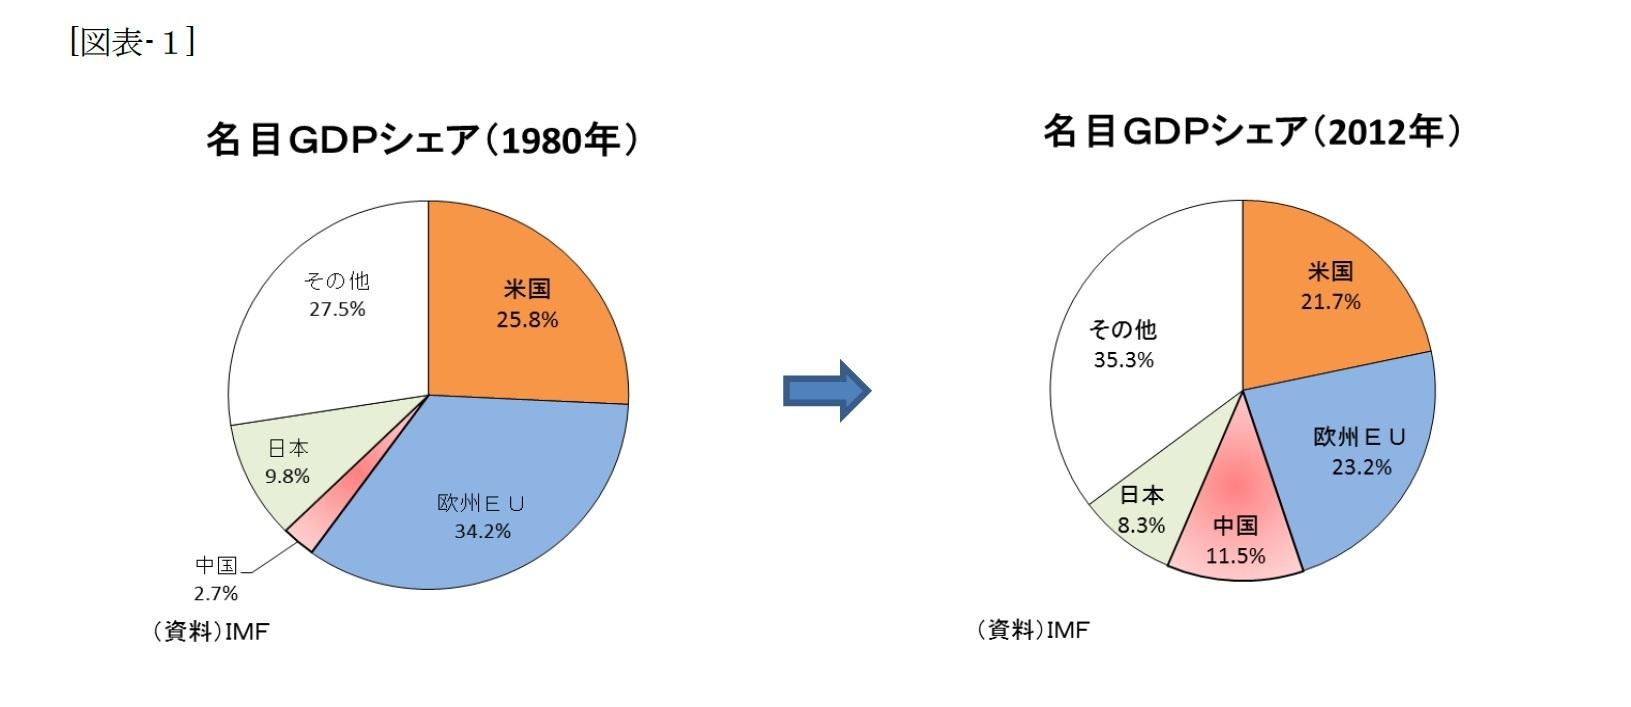 (図表-1)名目GDPシェア(1980年)/名目GDPシェア(2012年)